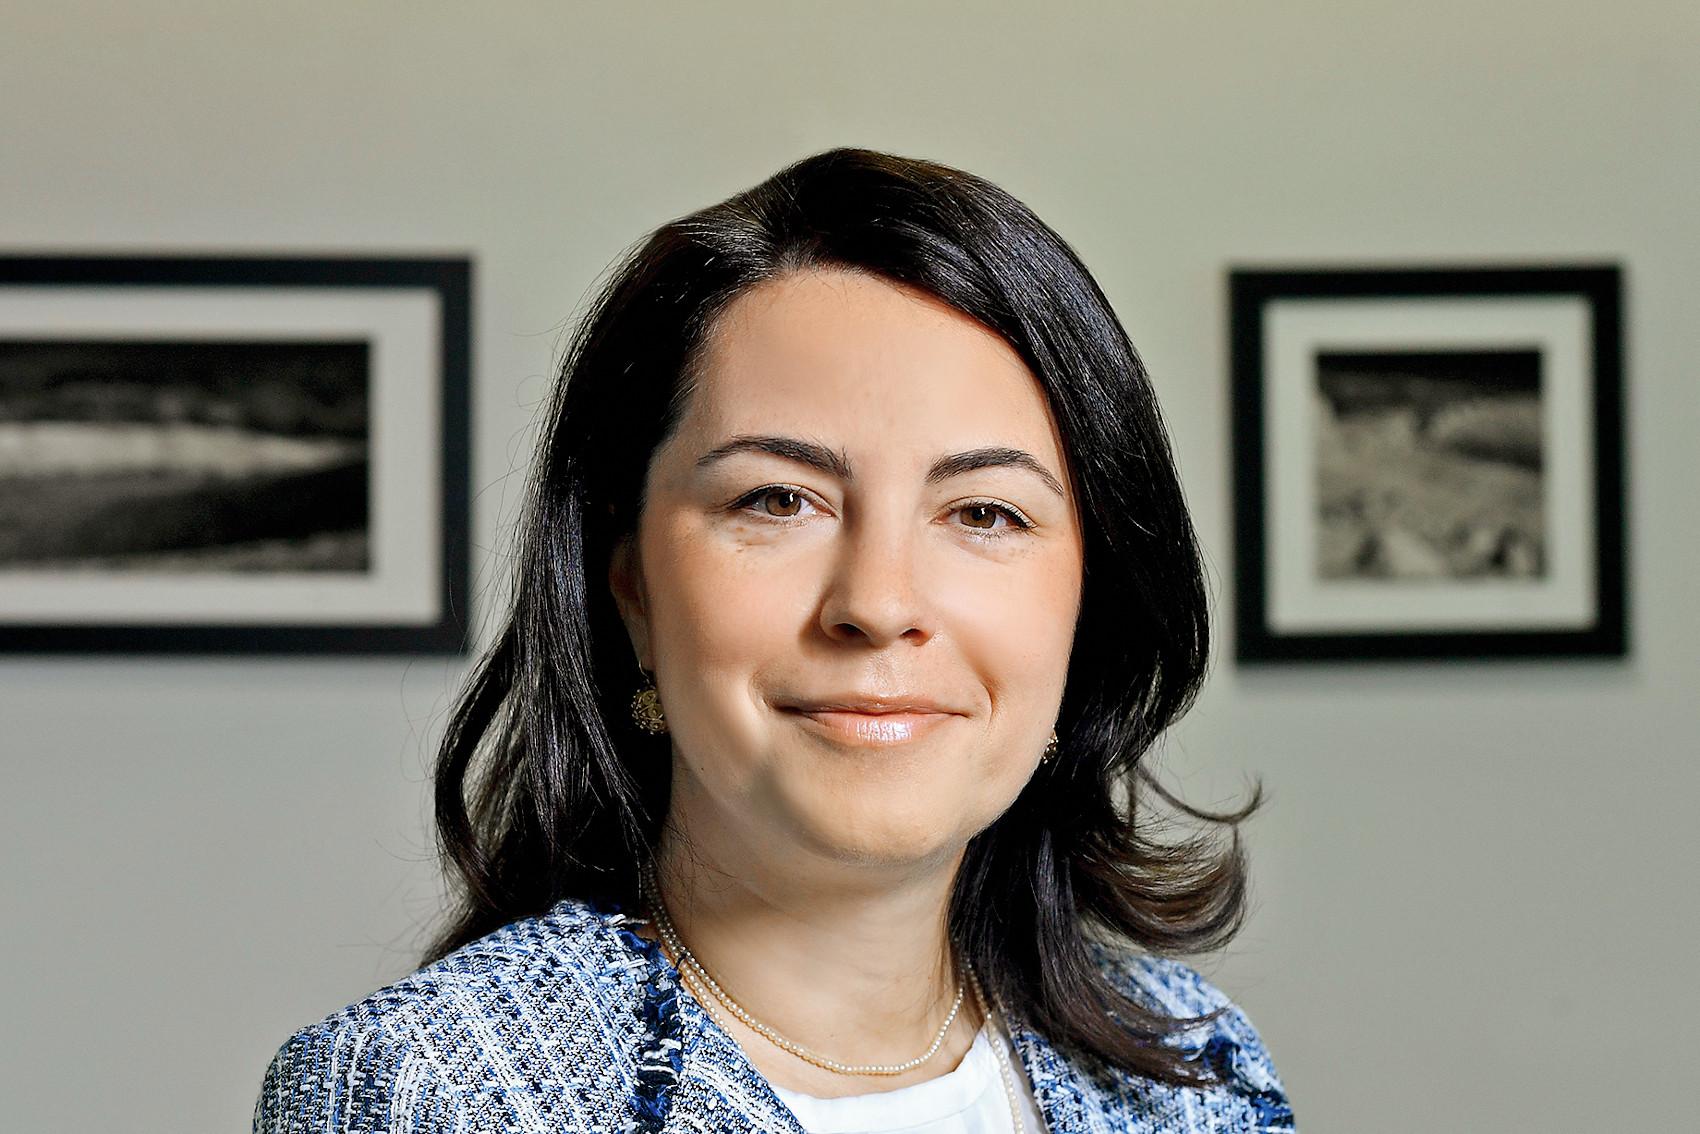 Zagreb, 080620. Ivana Hatvalic Poljak, direktorica tvrtke HTP Orebic, fotografirana u uredu tvrtke. Foto: Boris Kovacev / CROPIX